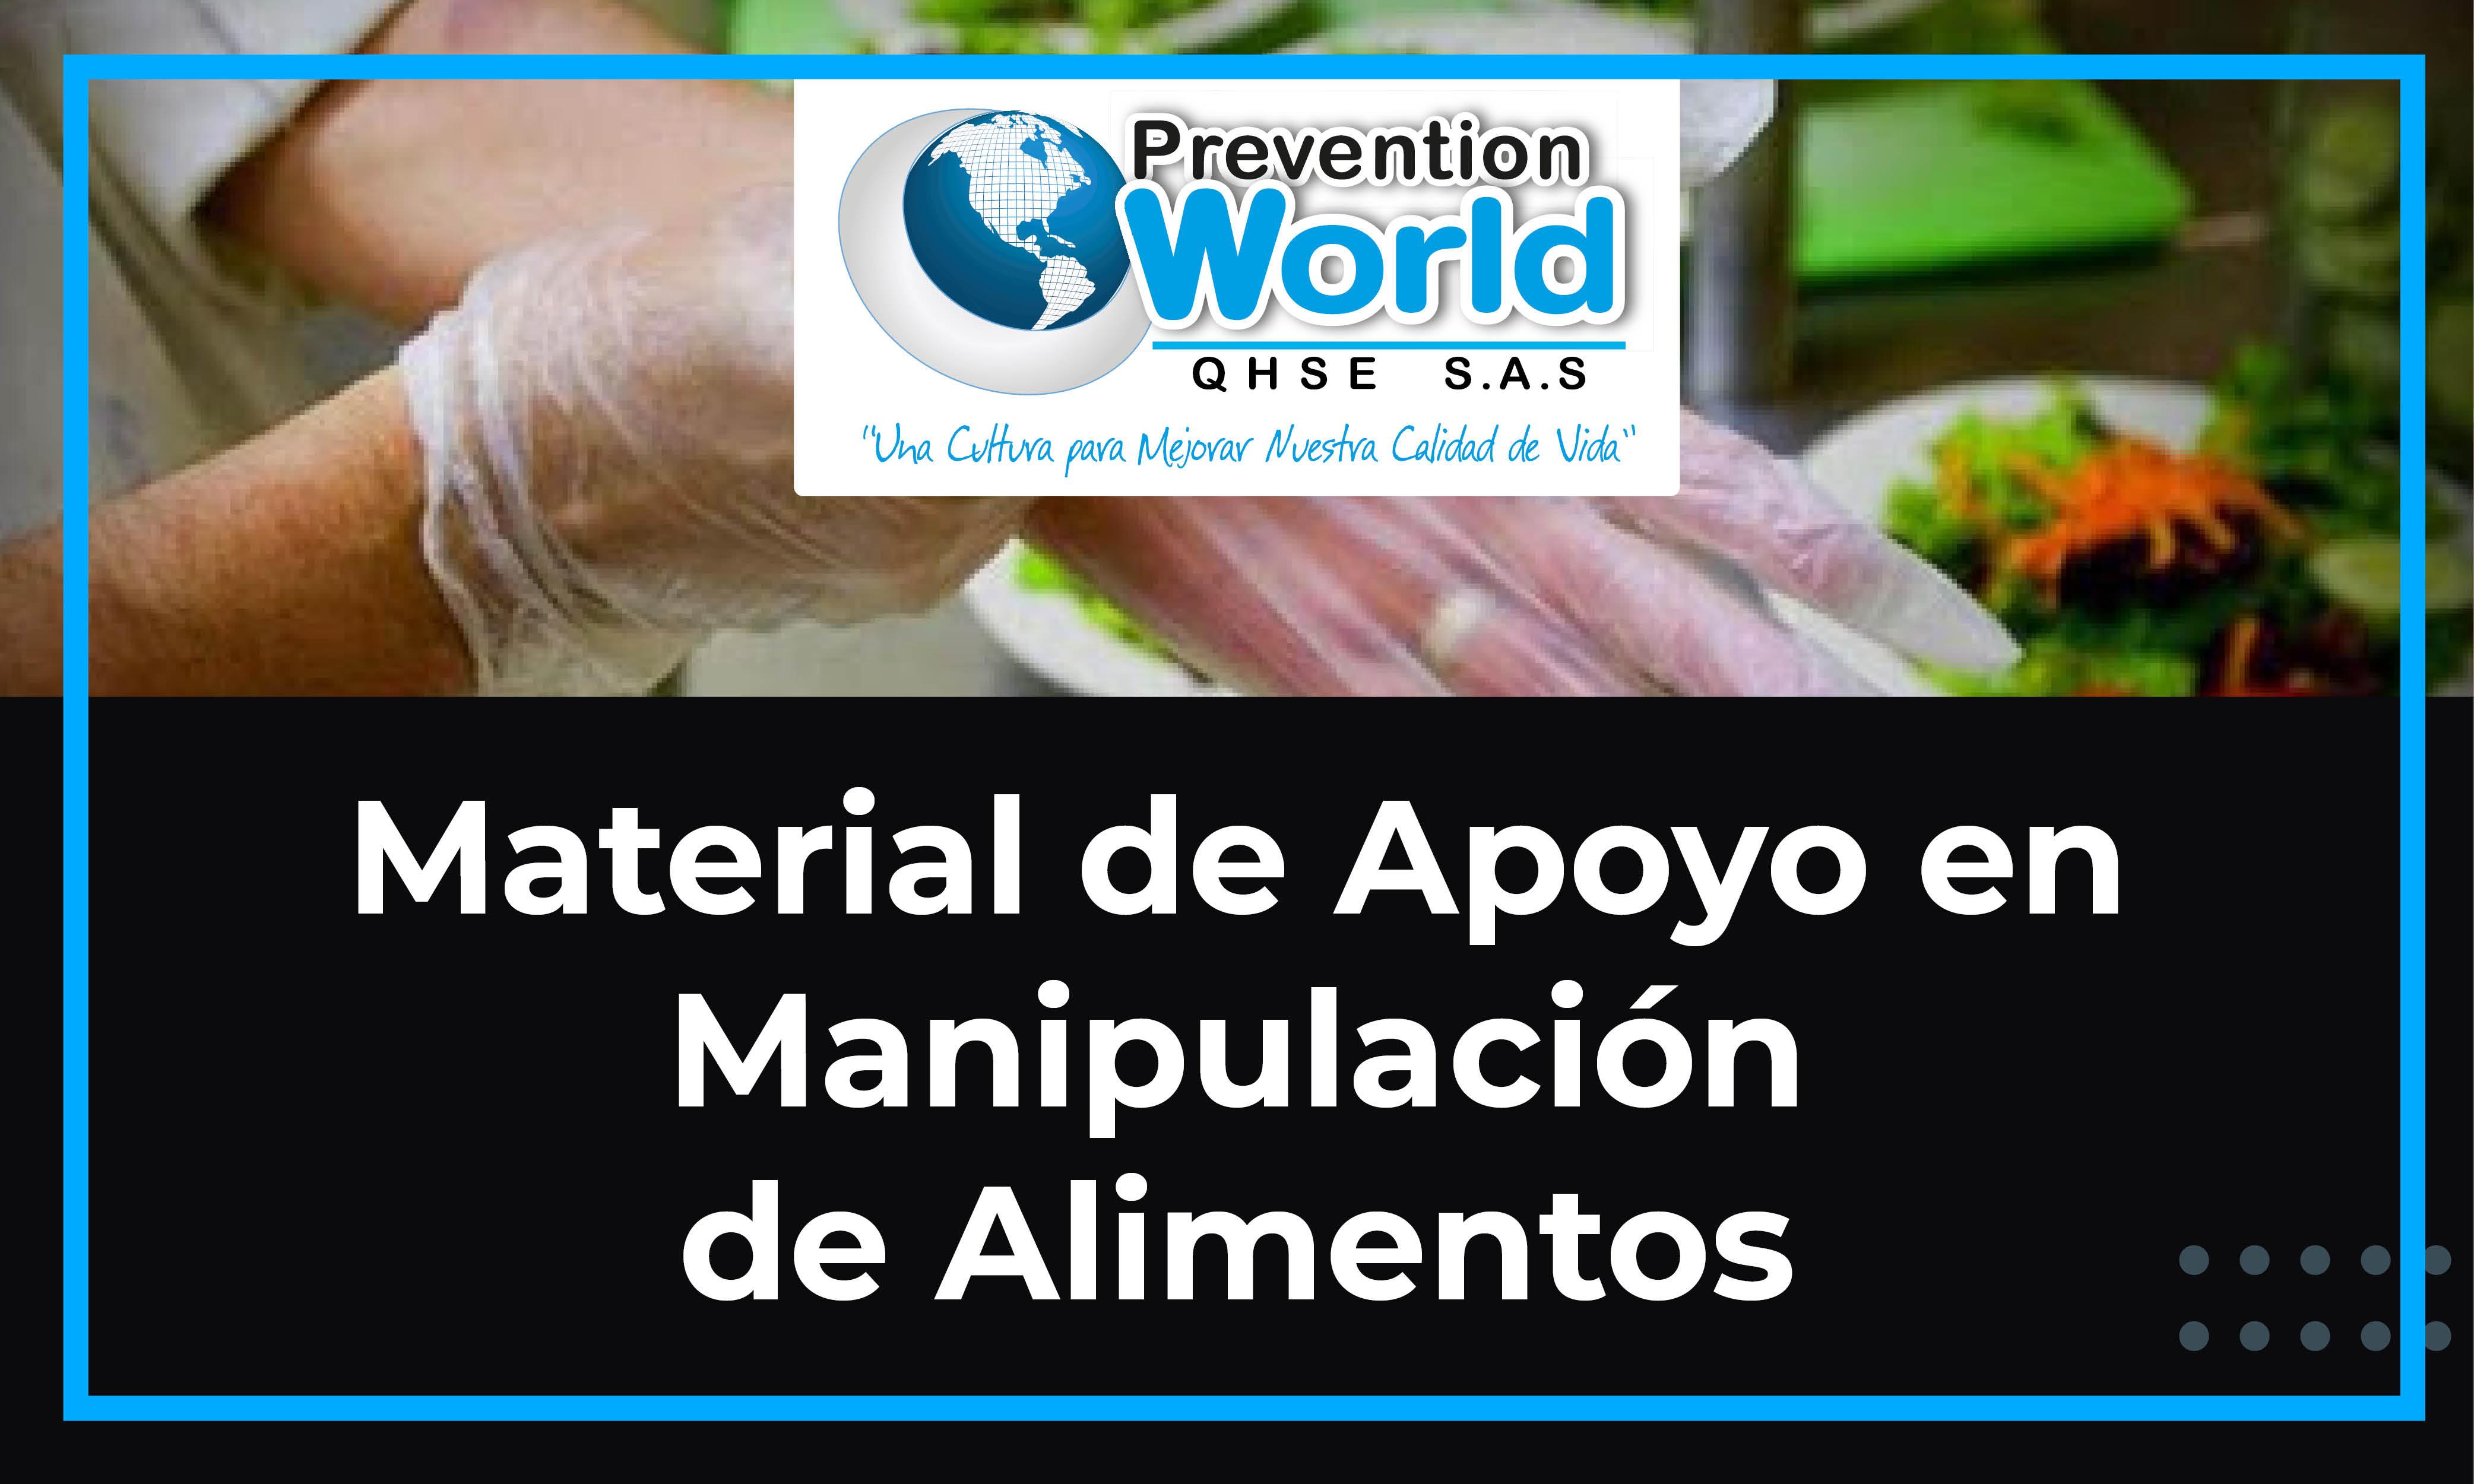 Material de Apoyo en Manipulación de Alimentos